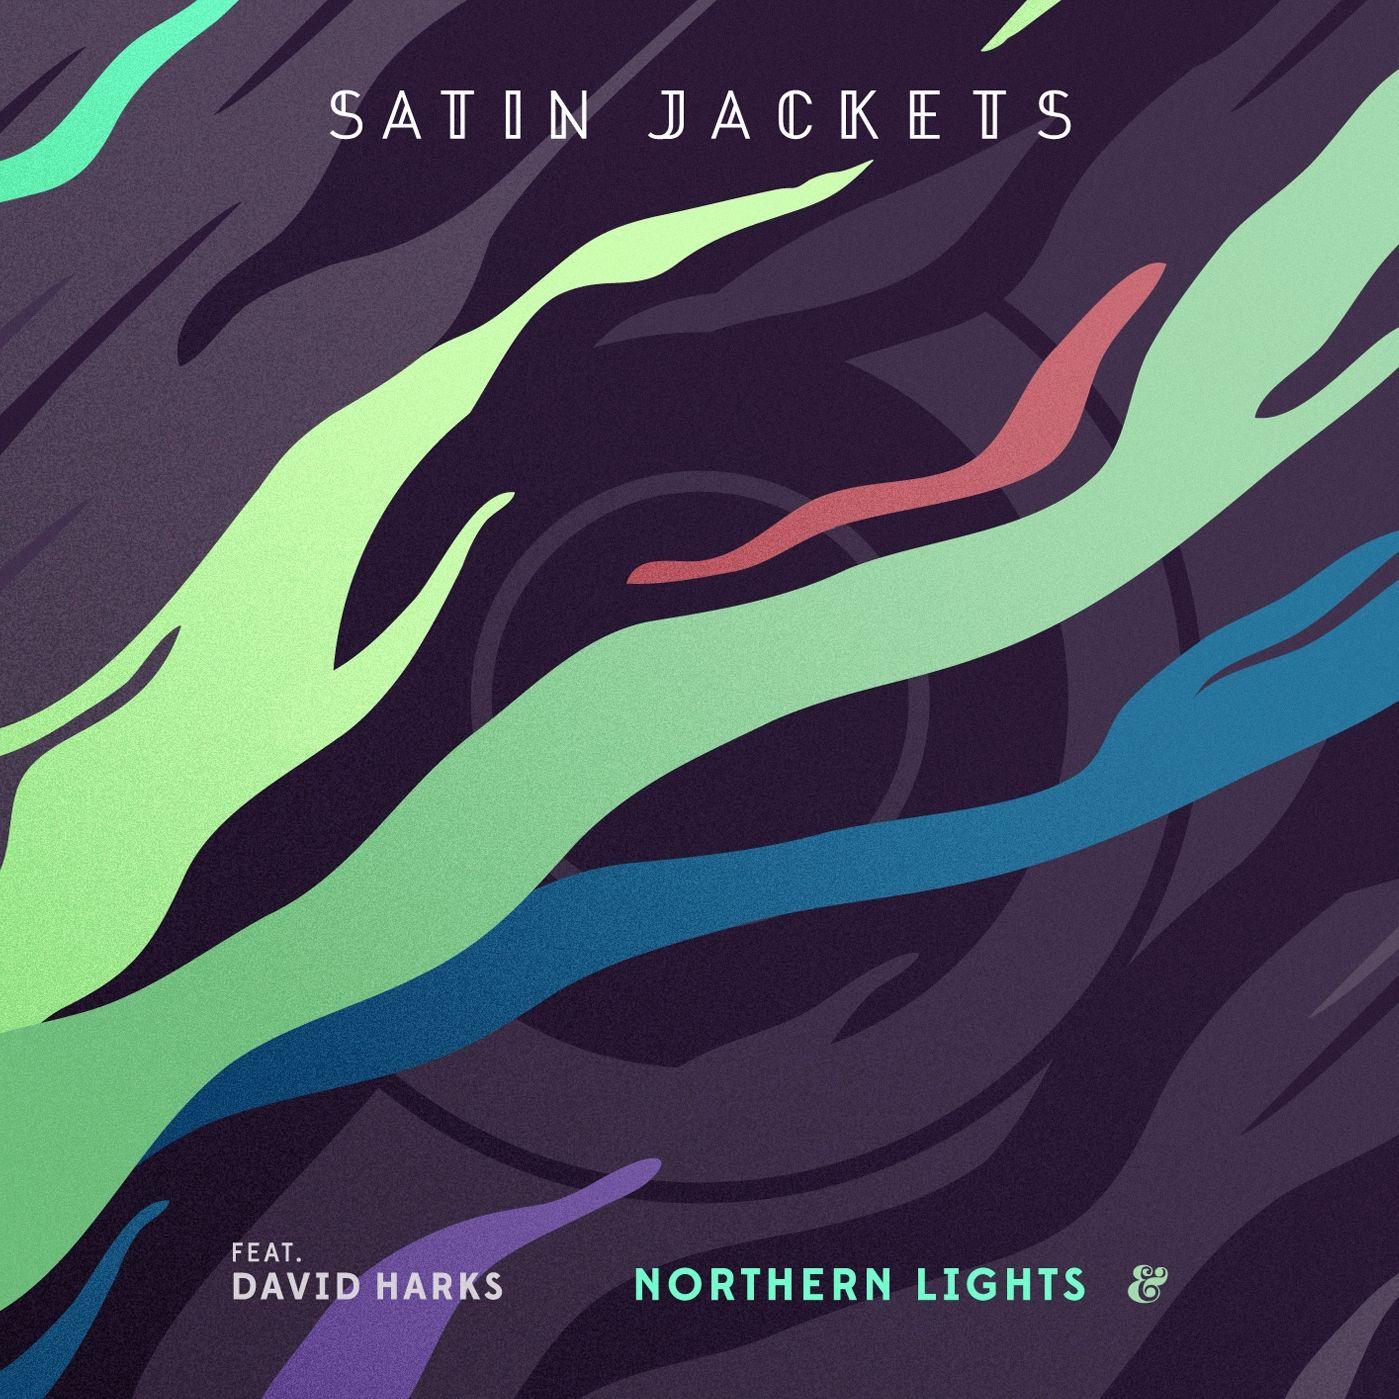 Satin-Jackets-David-Harks